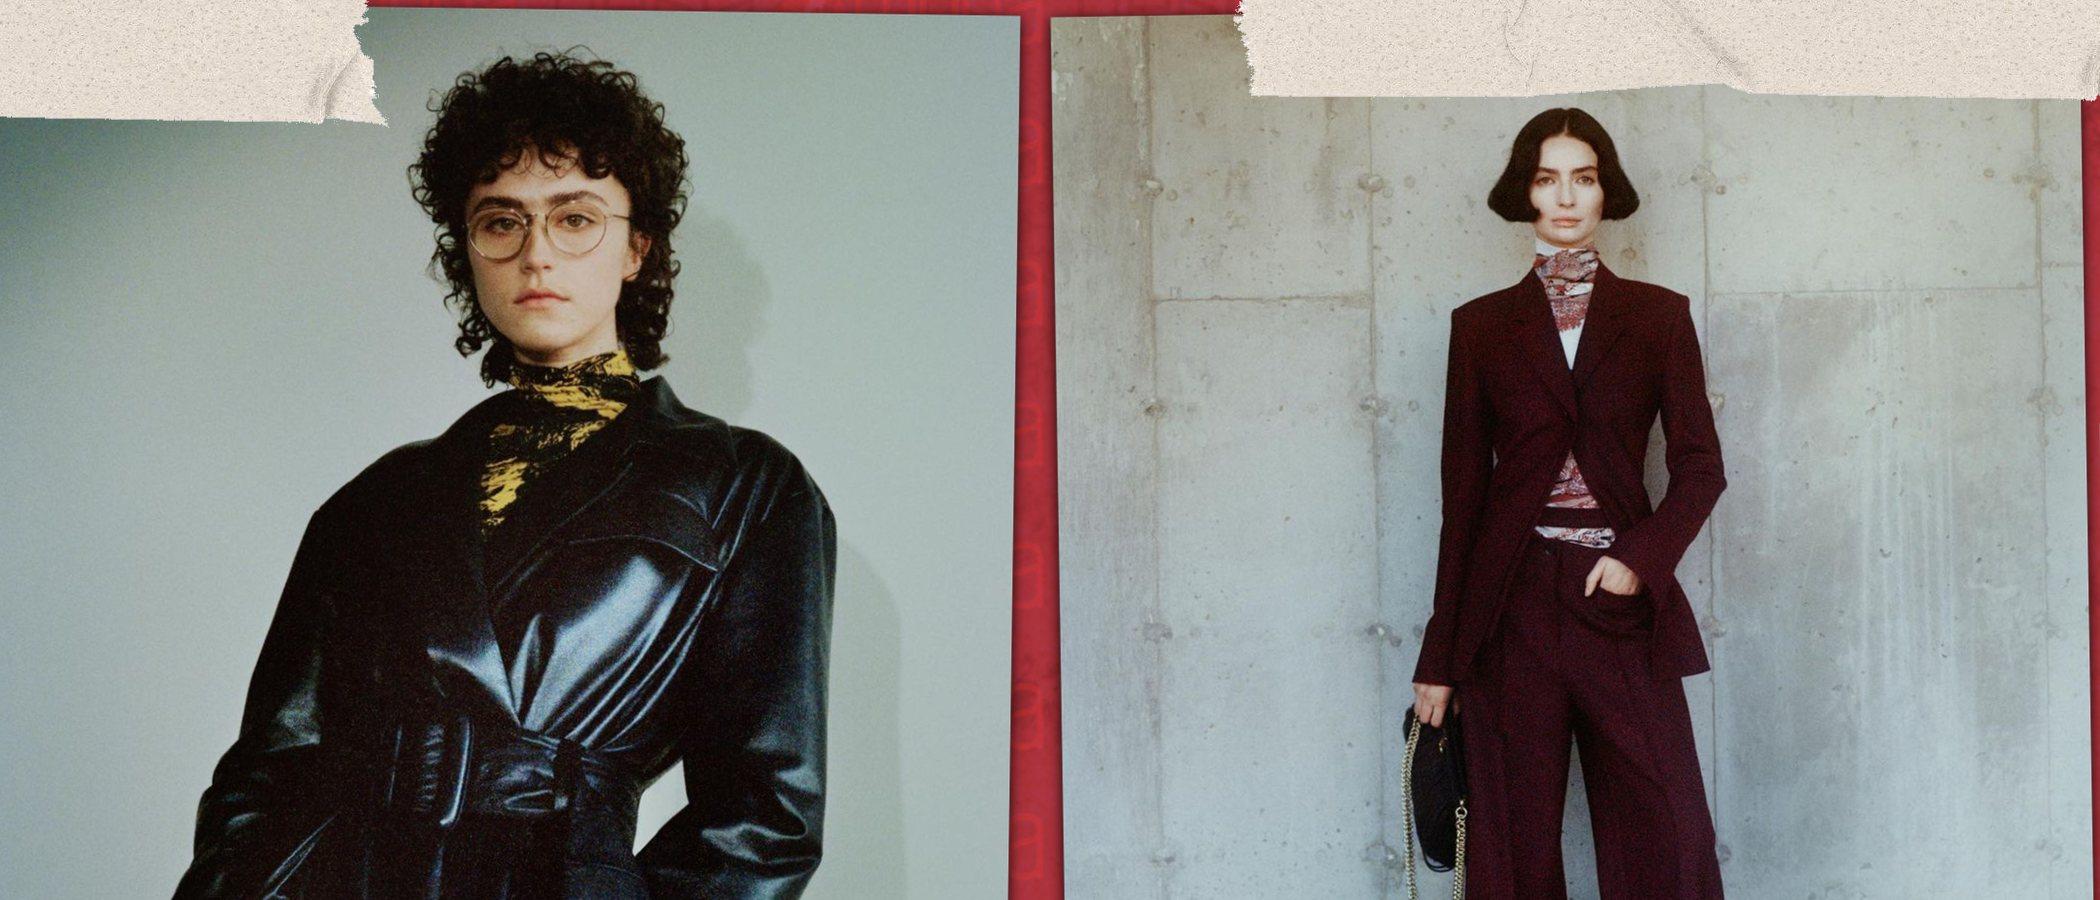 Ella Emhoff, hijastra de Kamala Harris, y Meadow, hija de Paul Walker, las modelos estrella de Proenza Schouler